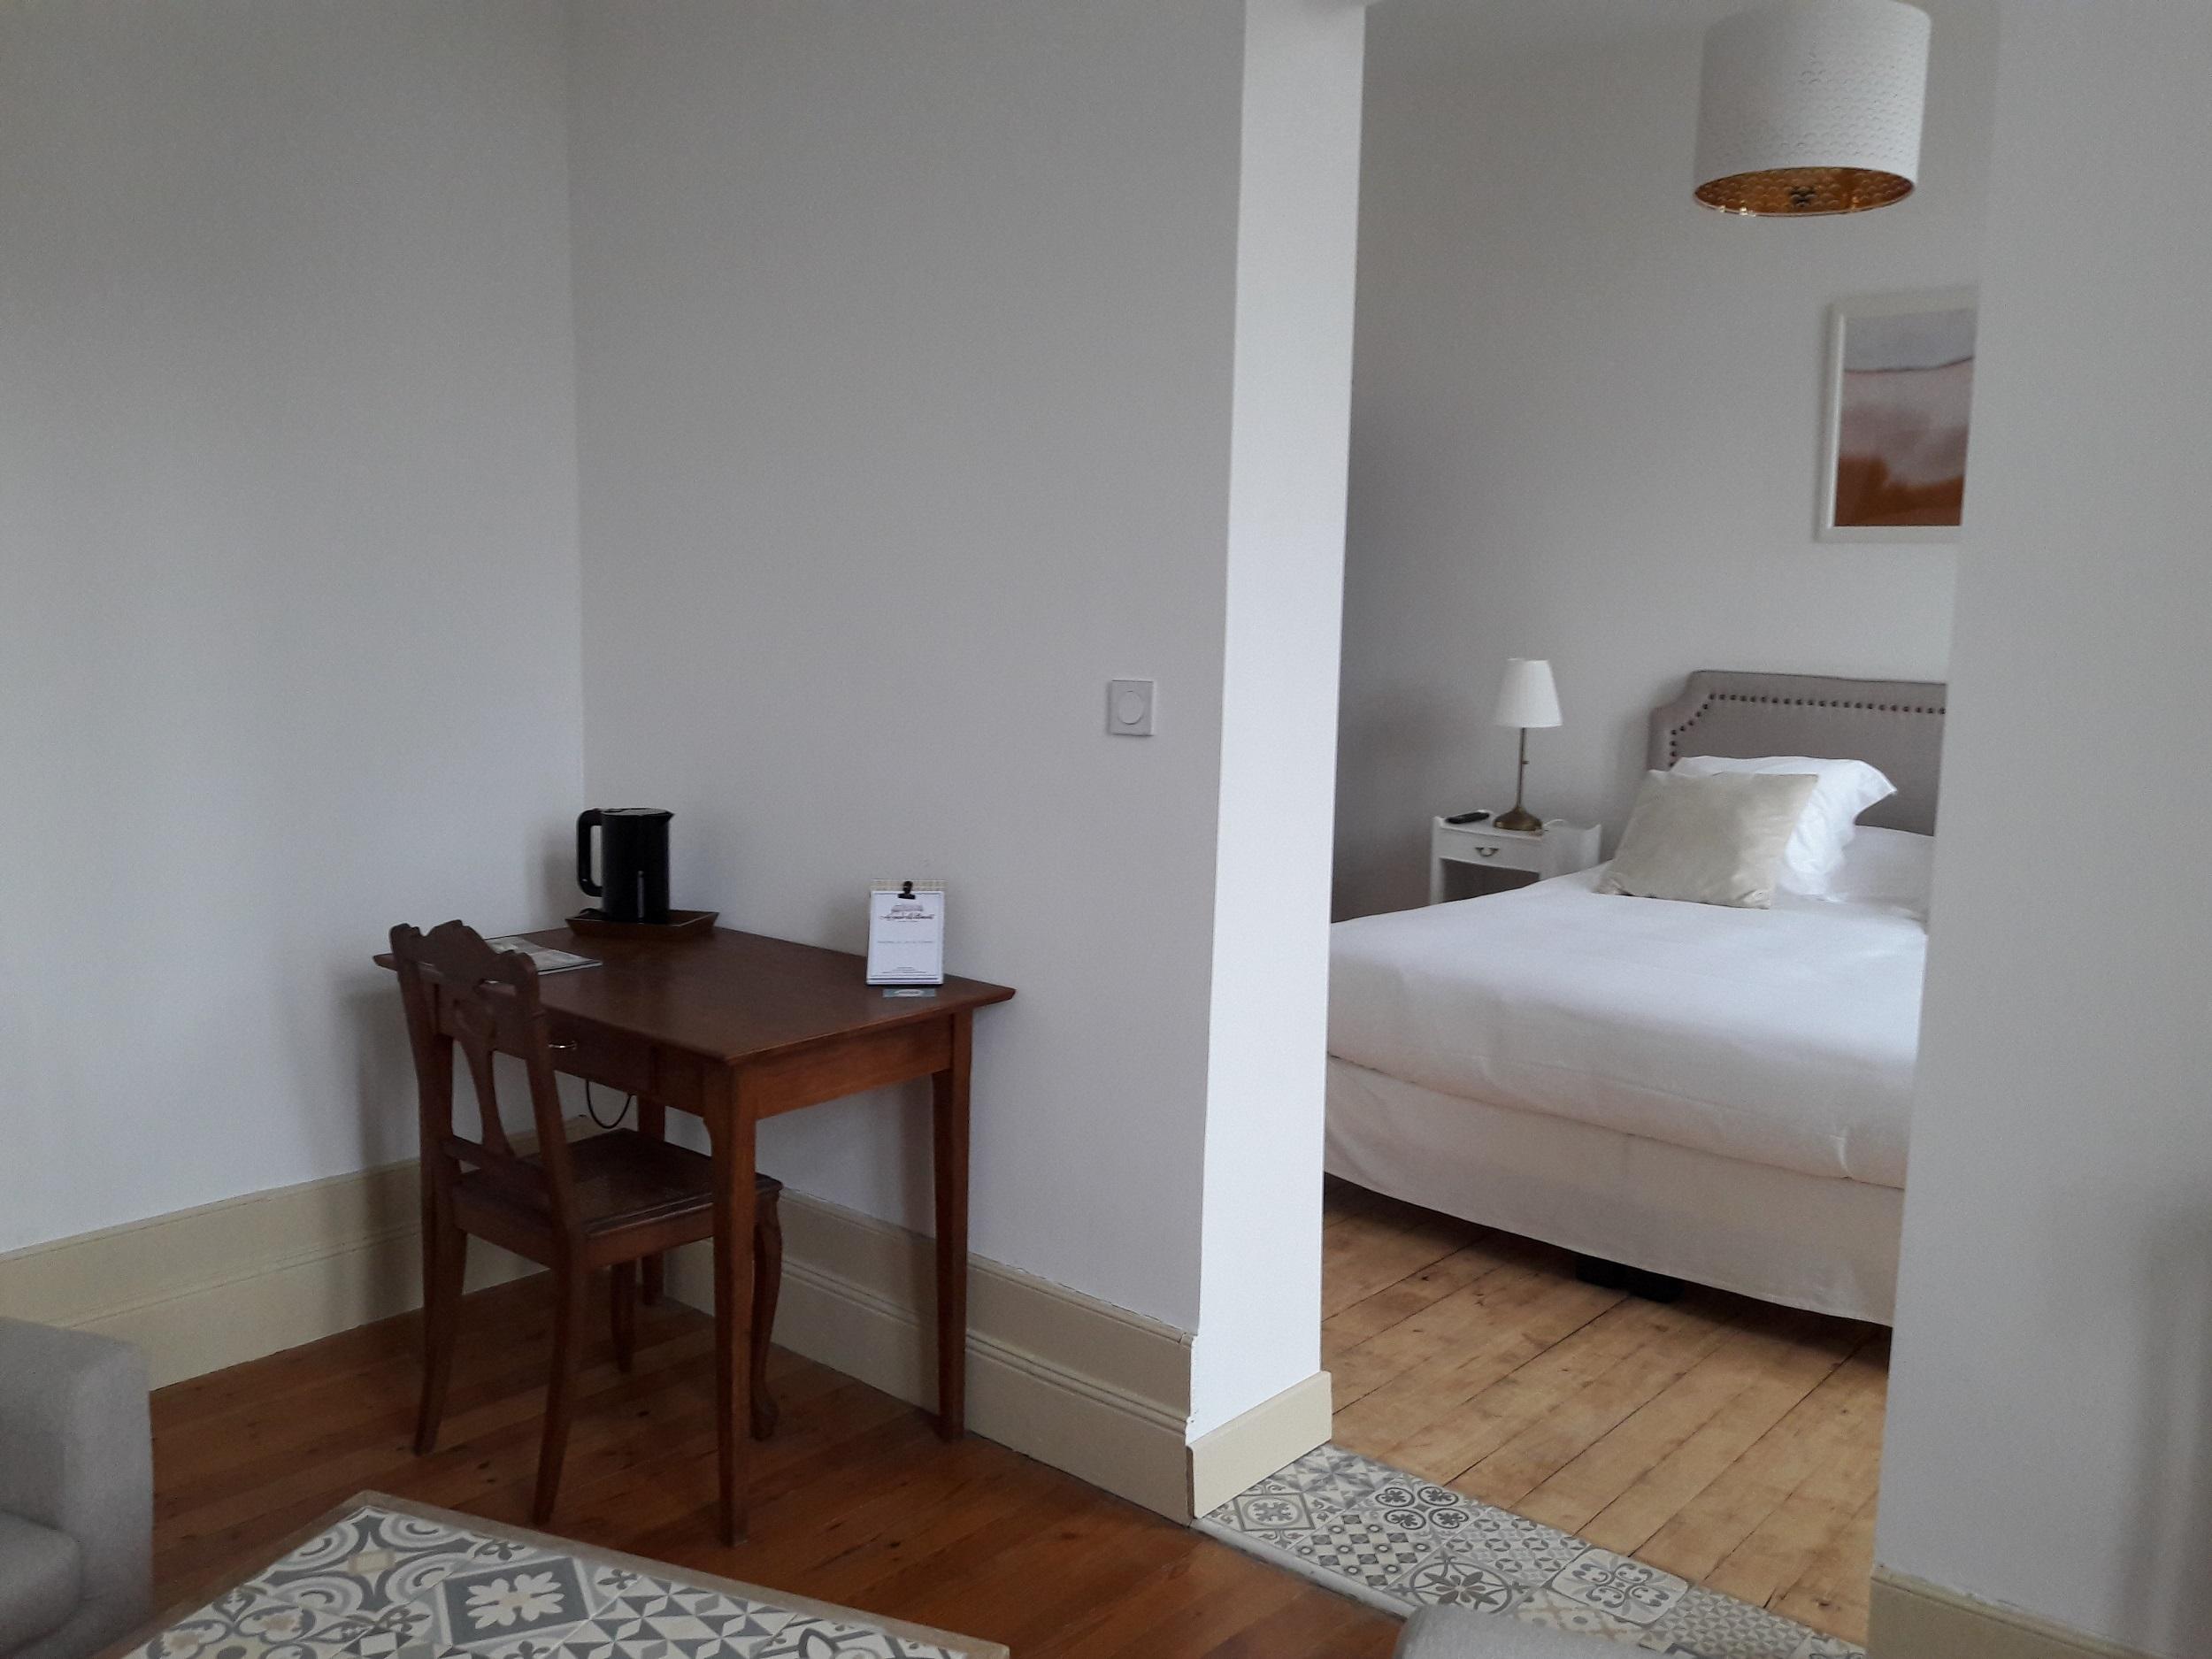 Bureau dans le salon de la suite avec bouilloire, jolie chaise ancienne, ouverture sur la chambre